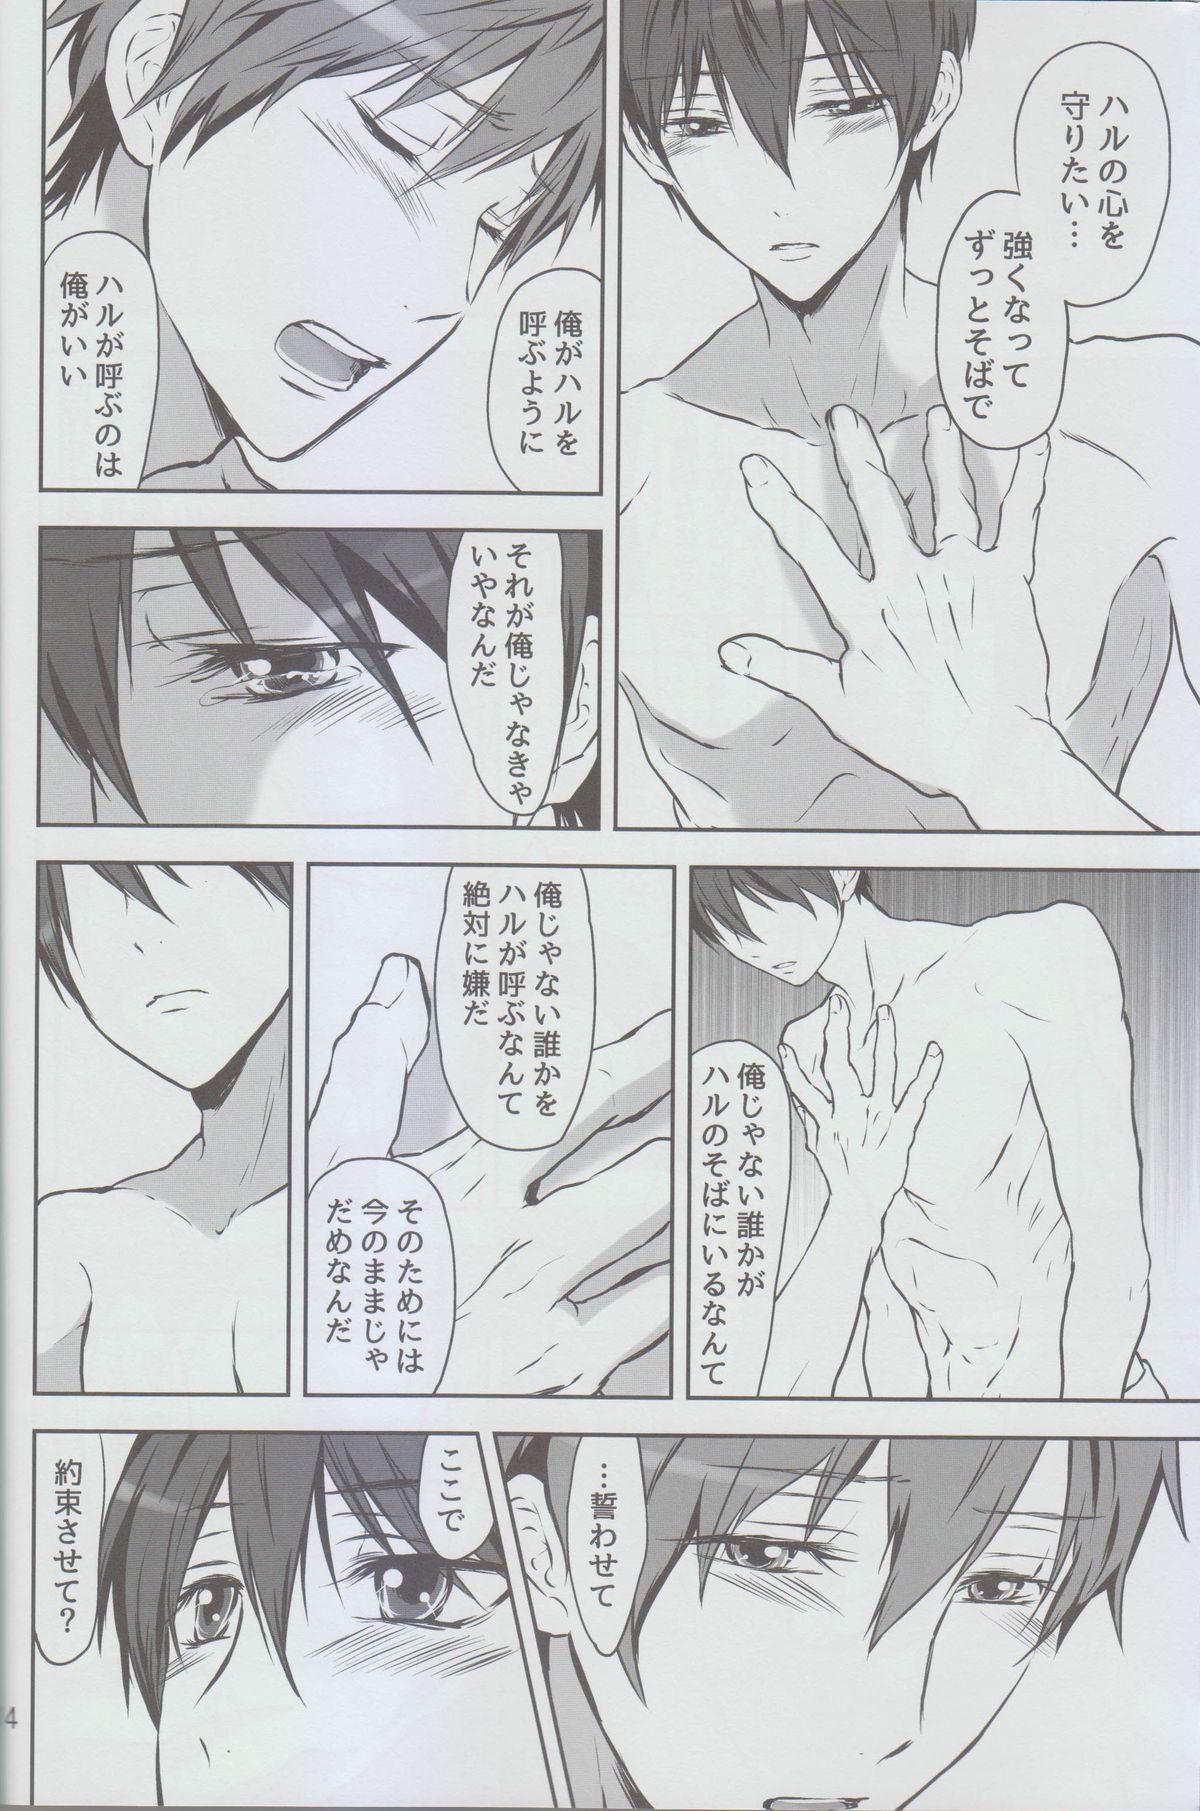 Okubyou na Boku no Kingyo wa Natsu ni Nemuri, Kimi wa Kesshite Nakanai. 12